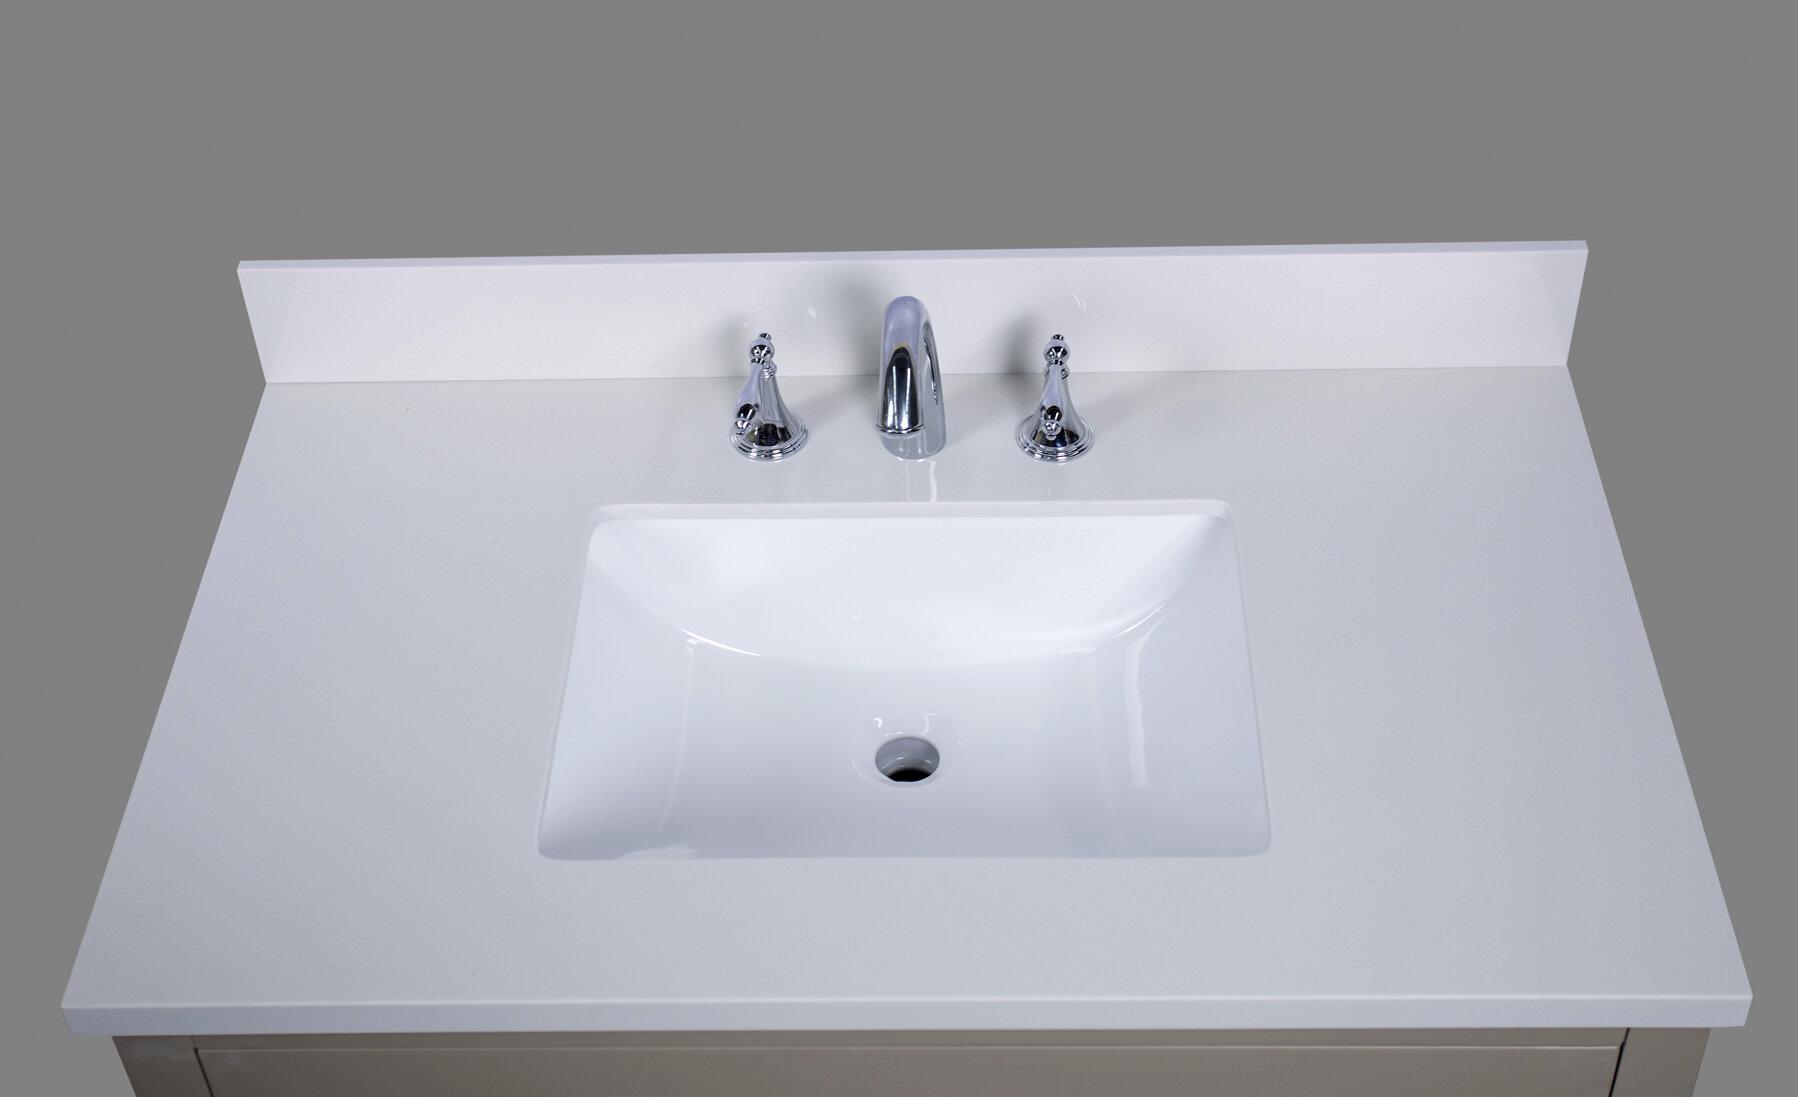 Thos 37 Single Bathroom Vanity Top